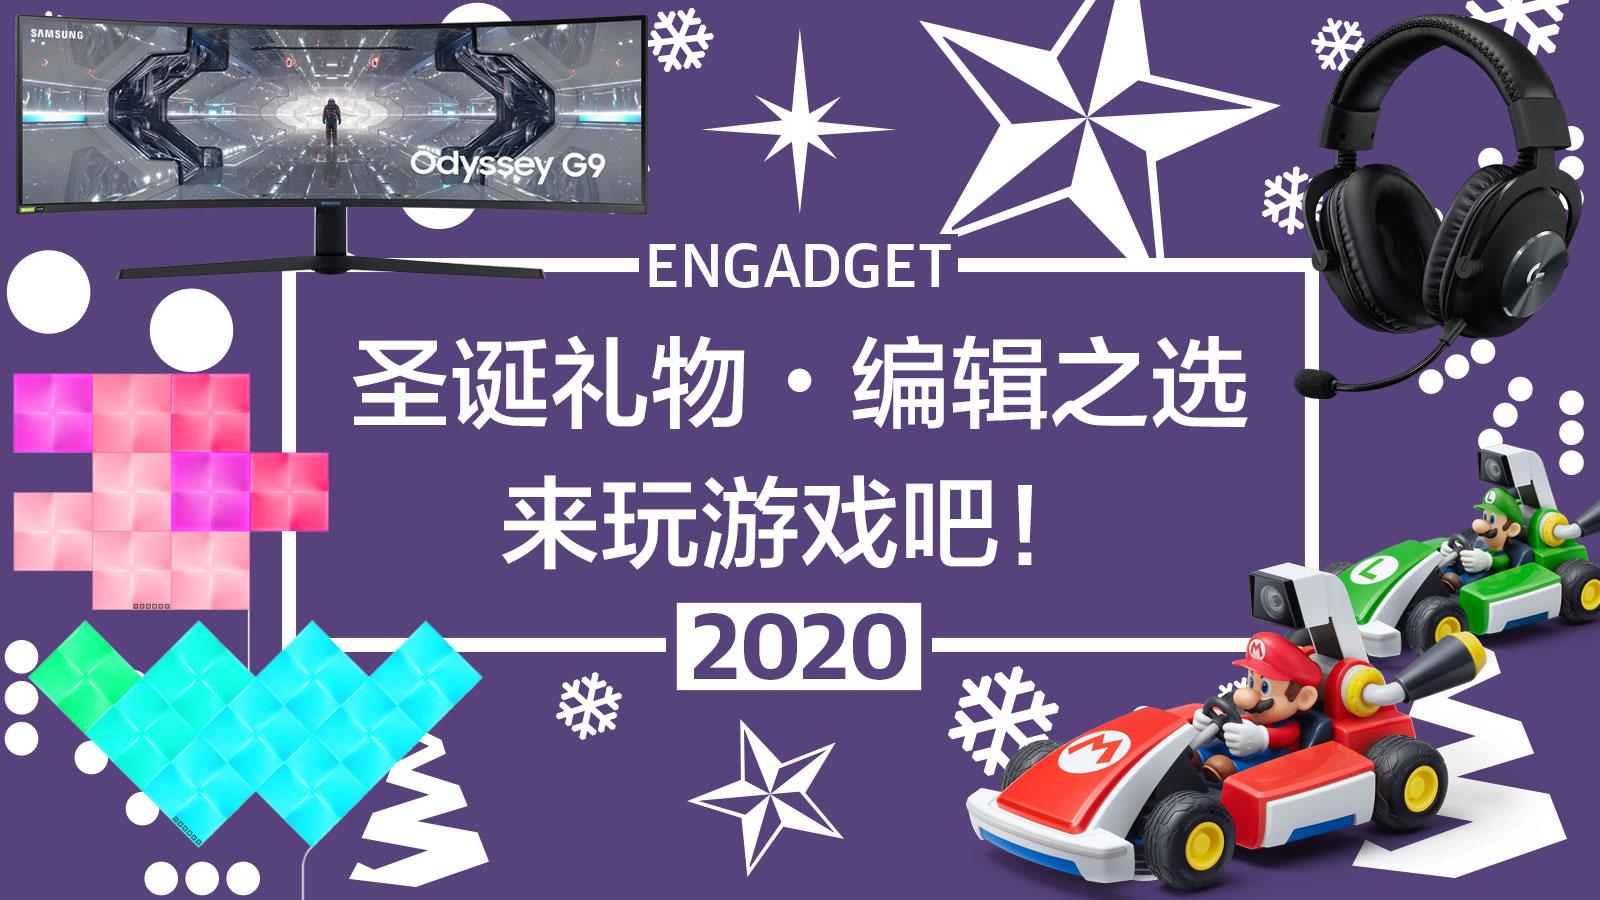 圣诞礼物 2020 编辑之选:来玩游戏吧!